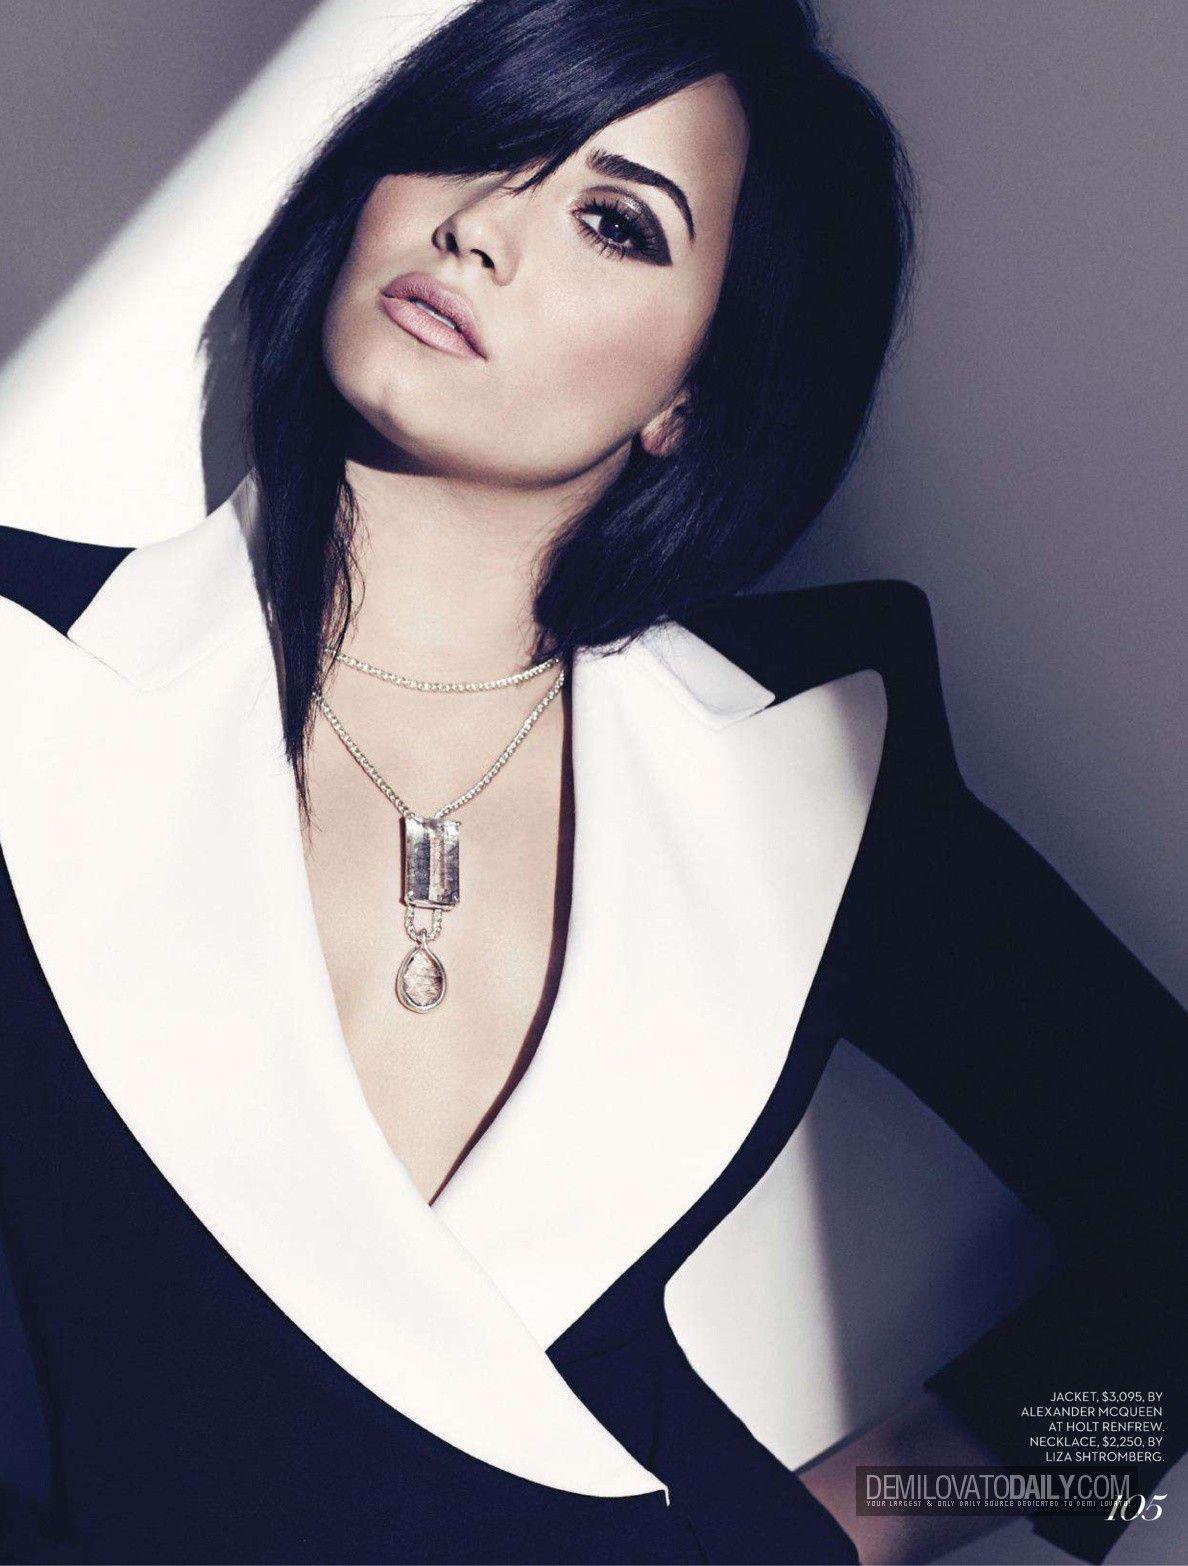 Demi Lovato Photoshoot 2013 demi lovato fashion | ...